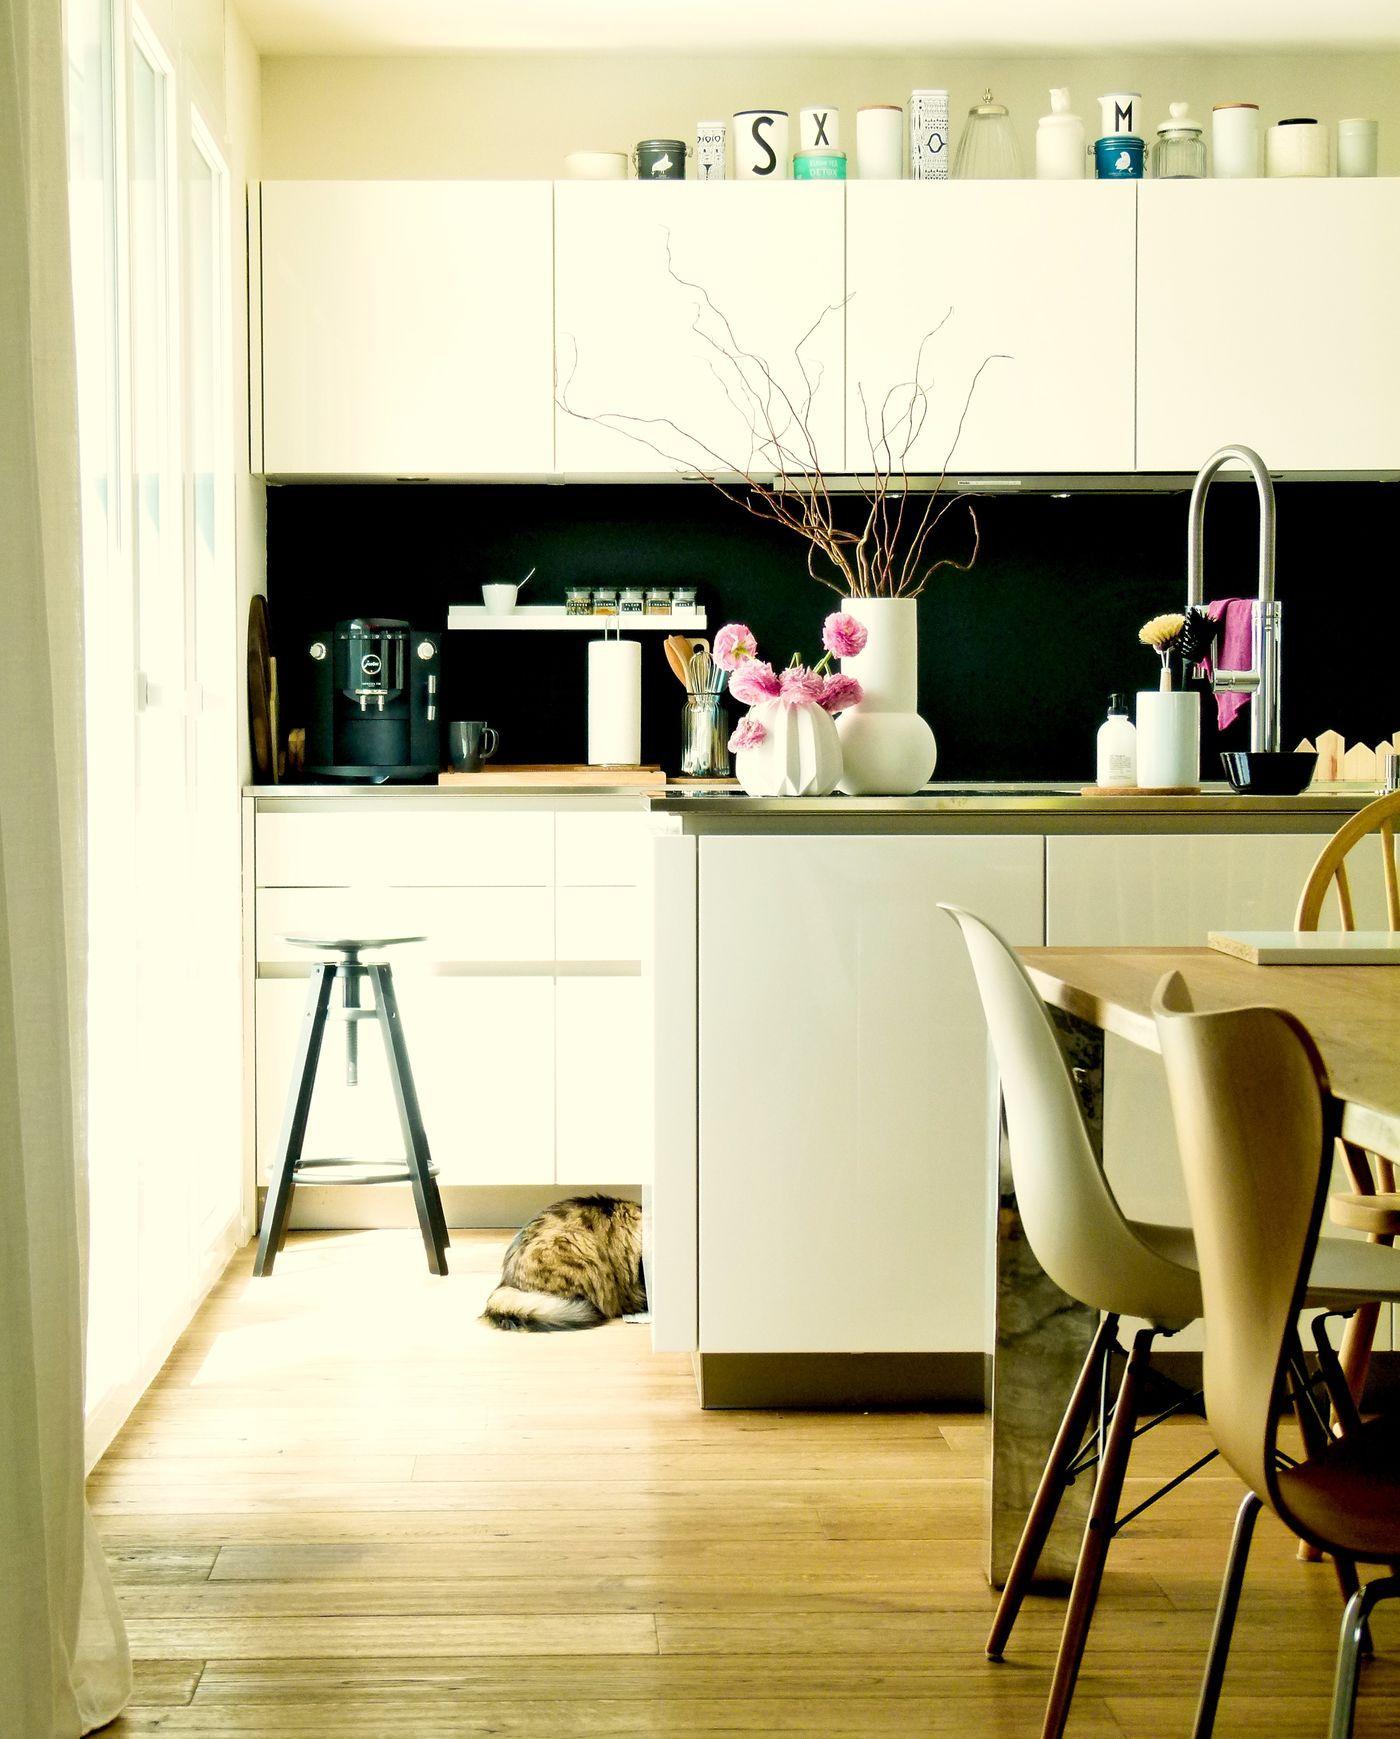 einbauk che planen ideen und tipps. Black Bedroom Furniture Sets. Home Design Ideas